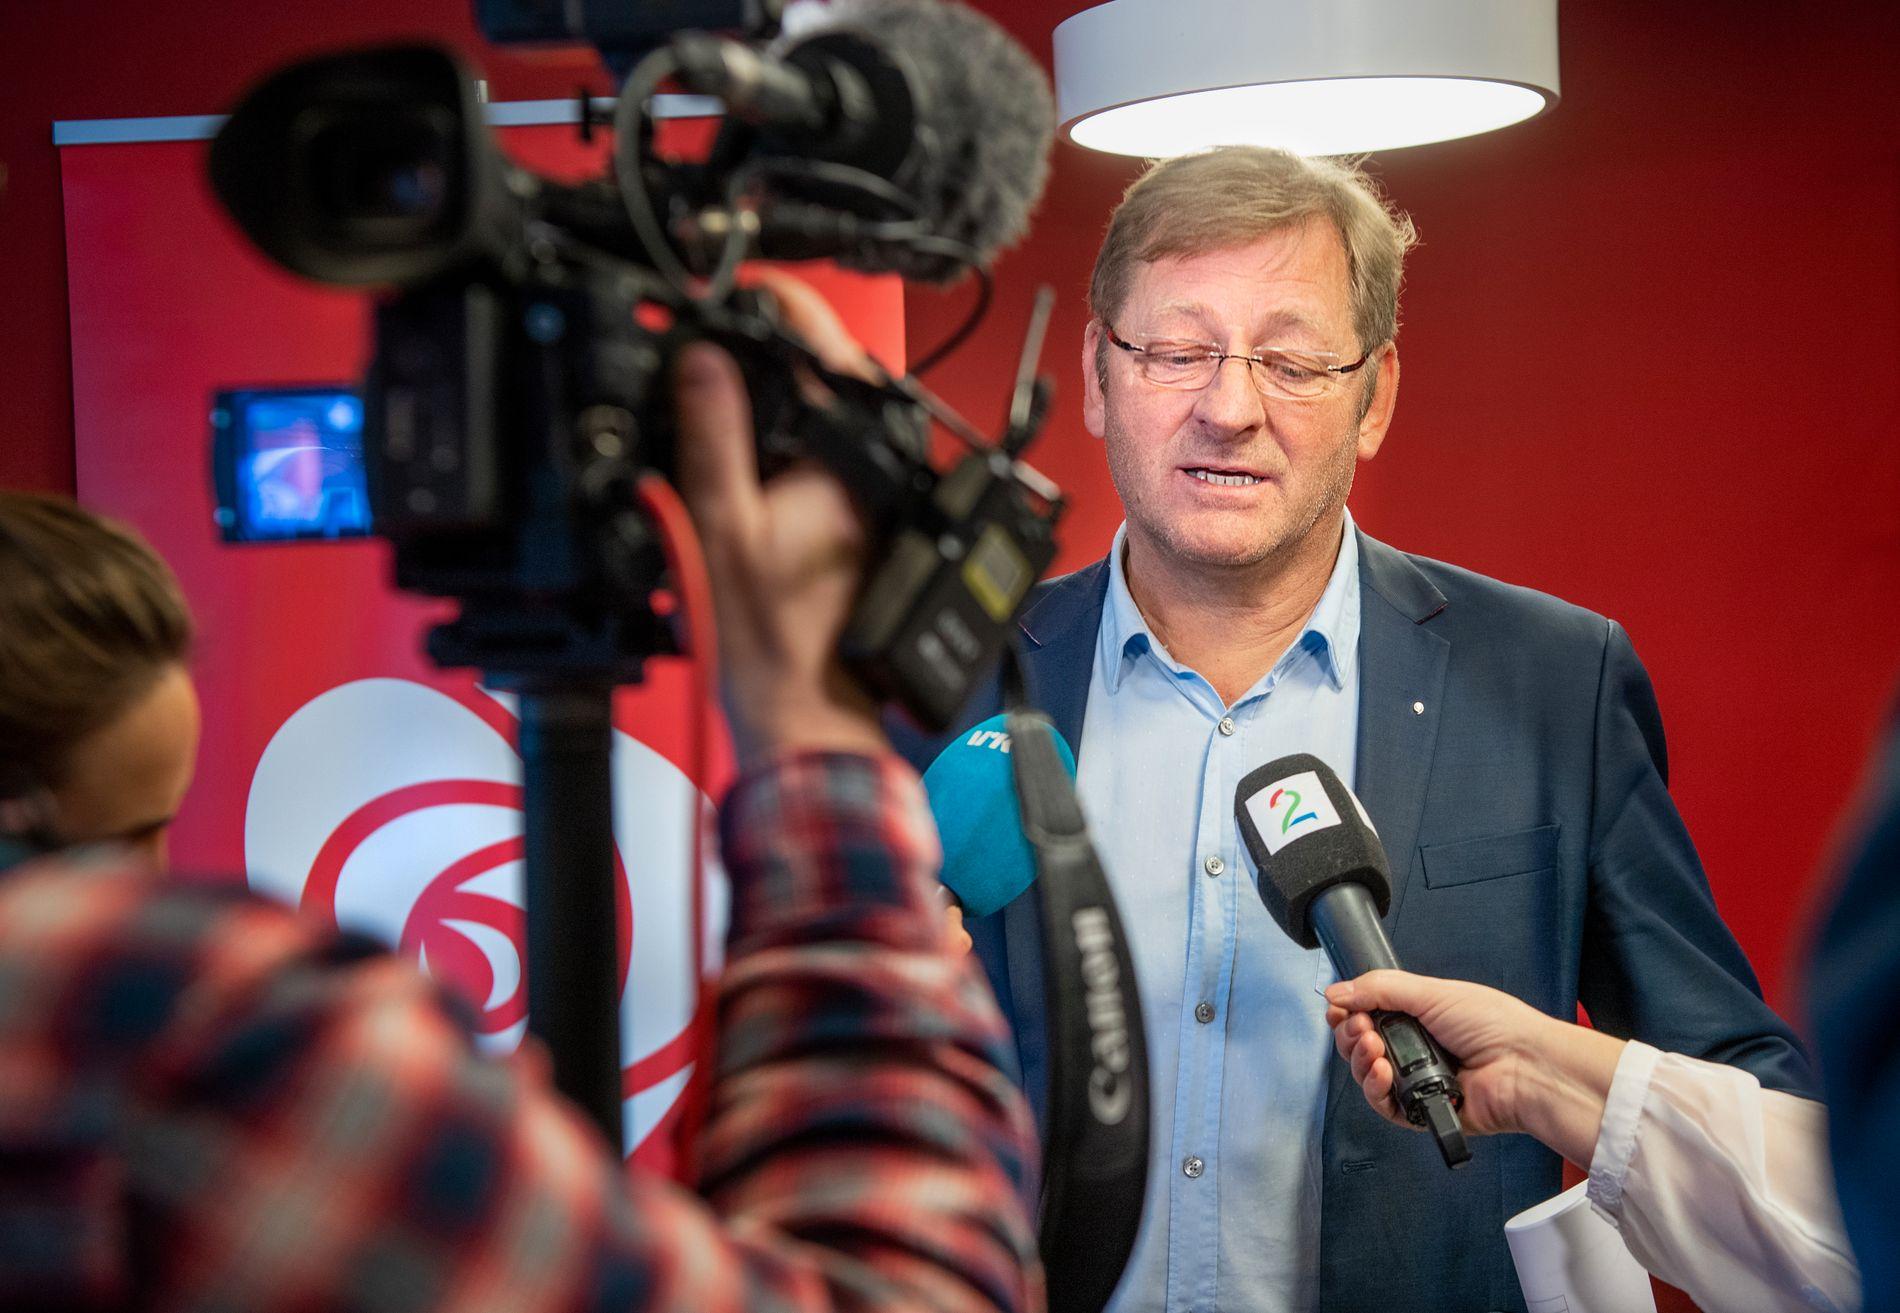 KOMITÉLEDER: Stortingsrepresentant Jorodd Asphjell, her på vei inn til møtet på Folkets Hus i Trondheim i valgkomiteen i Trøndelag Ap.